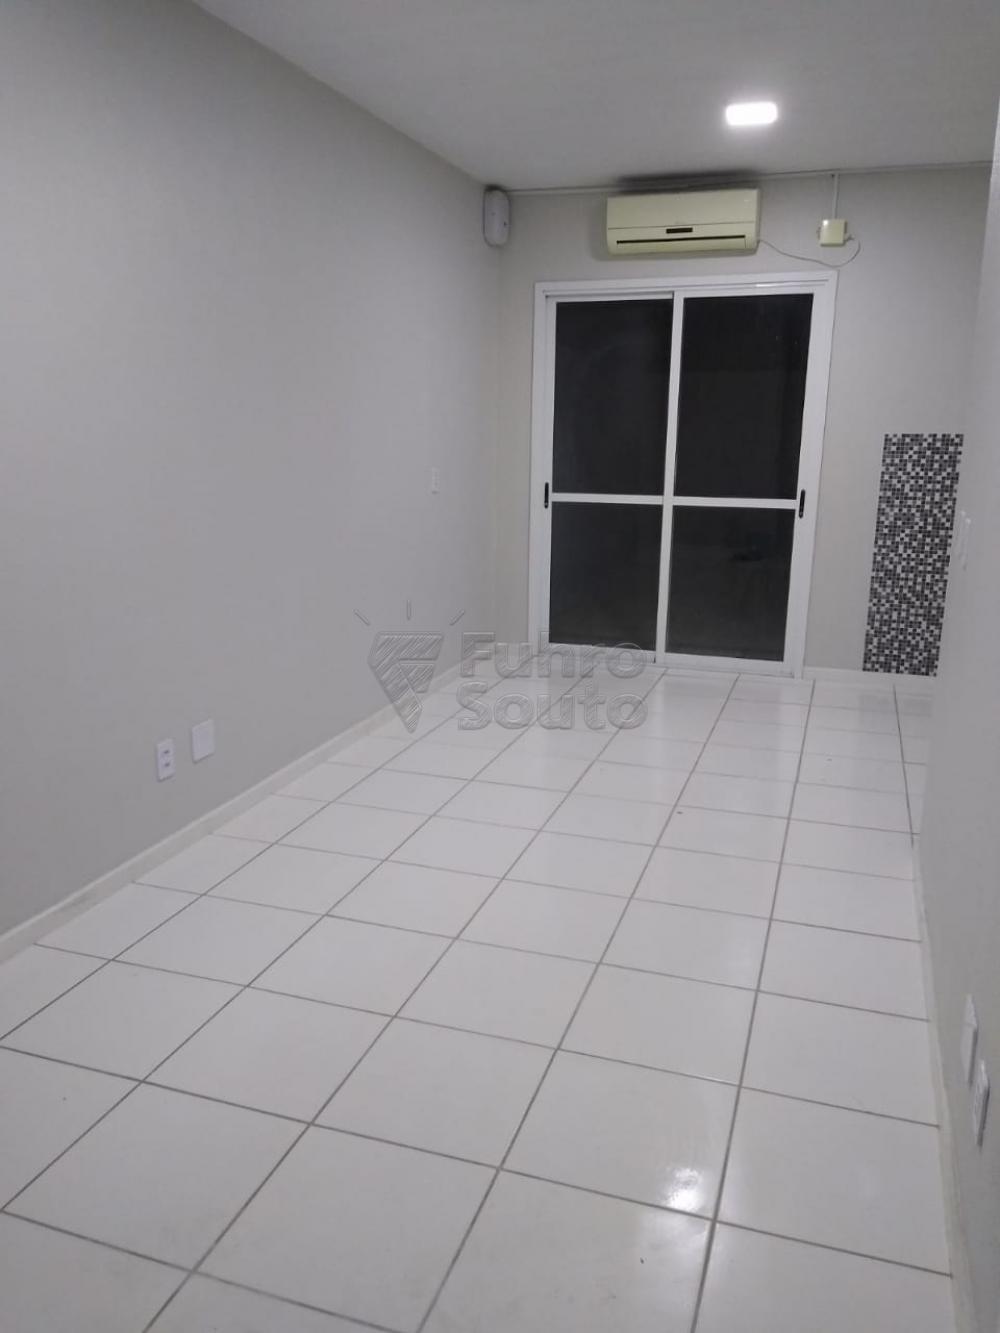 Alugar Casa / Condomínio em Pelotas R$ 700,00 - Foto 3